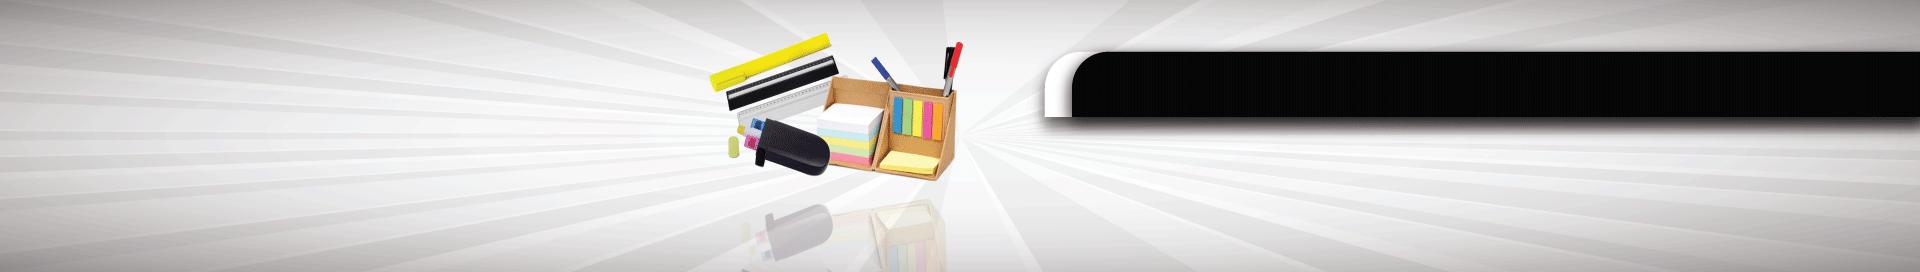 עפרונות-מרקרים-סרגלים וציוד משרדי